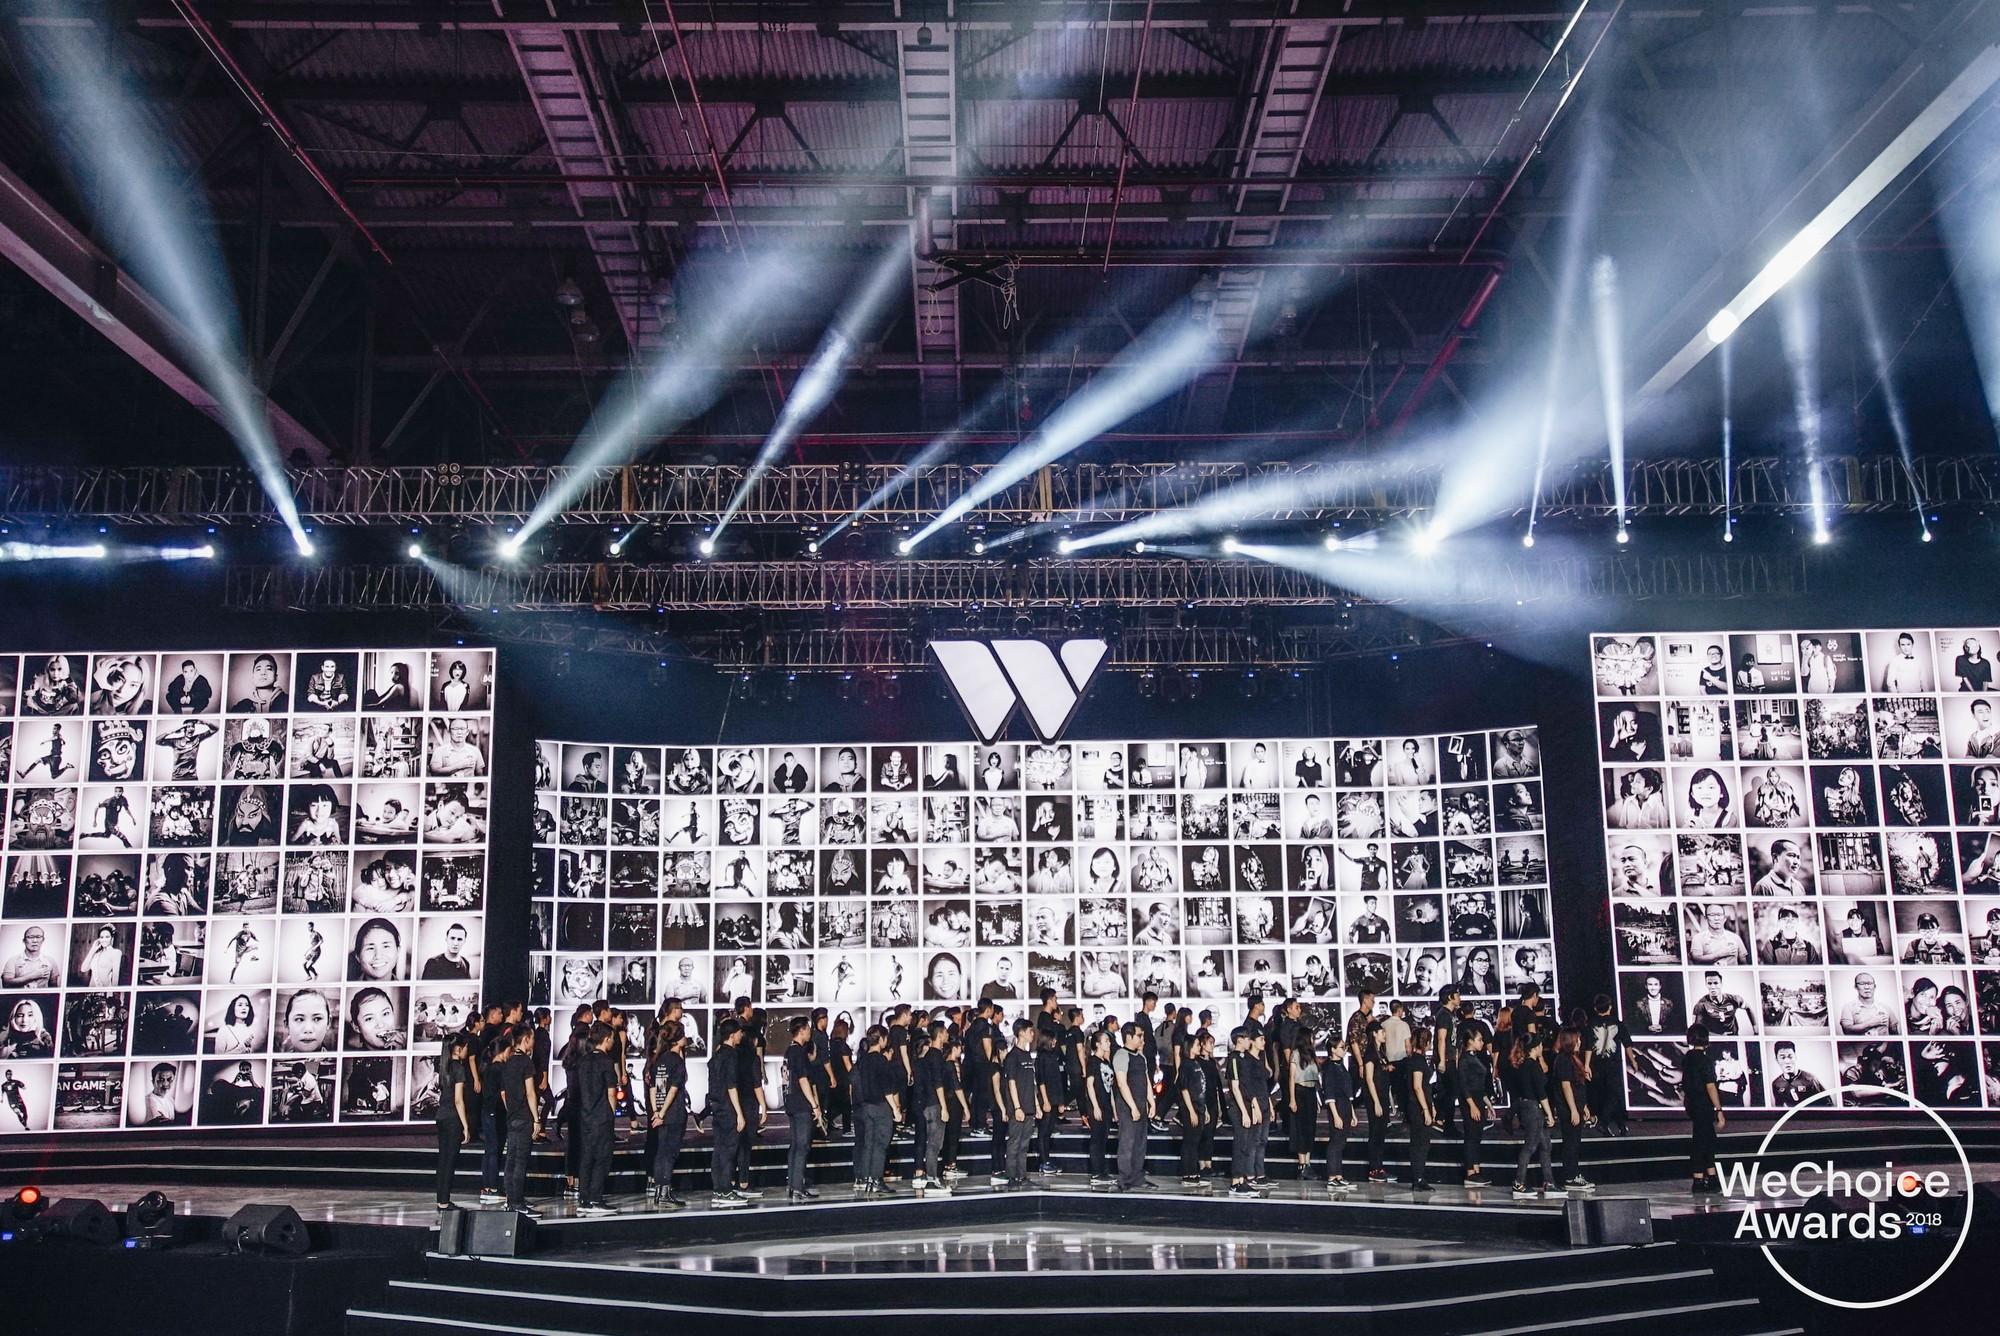 Clip: Tất tần tật các sân khấu đã tai mãn nhãn trong đêm Gala WeChoice Awards 2018 - Ảnh 4.